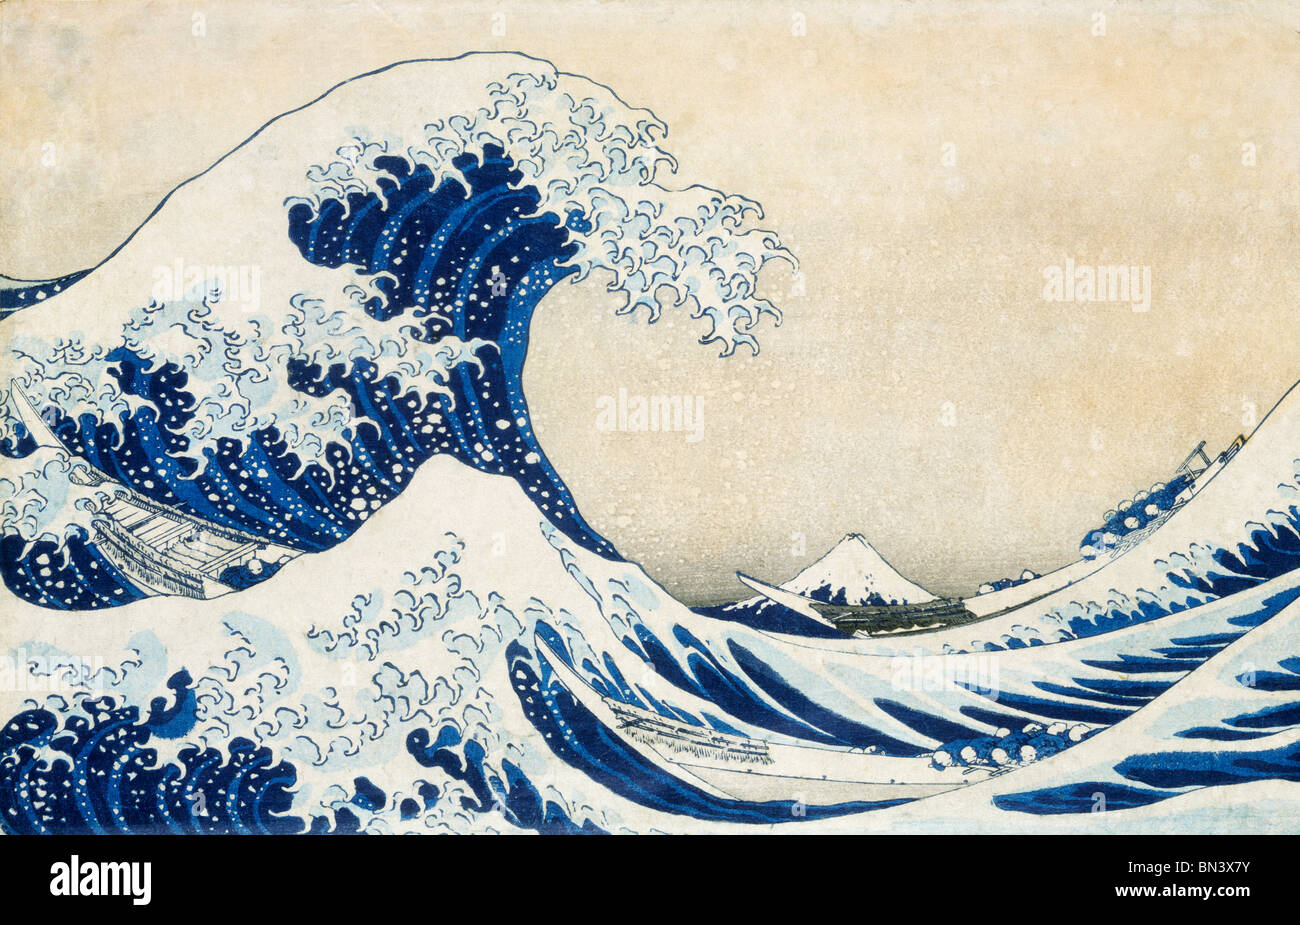 Die große Welle von Katsushika Hokusai. Japan, 19. Jahrhundert Stockbild